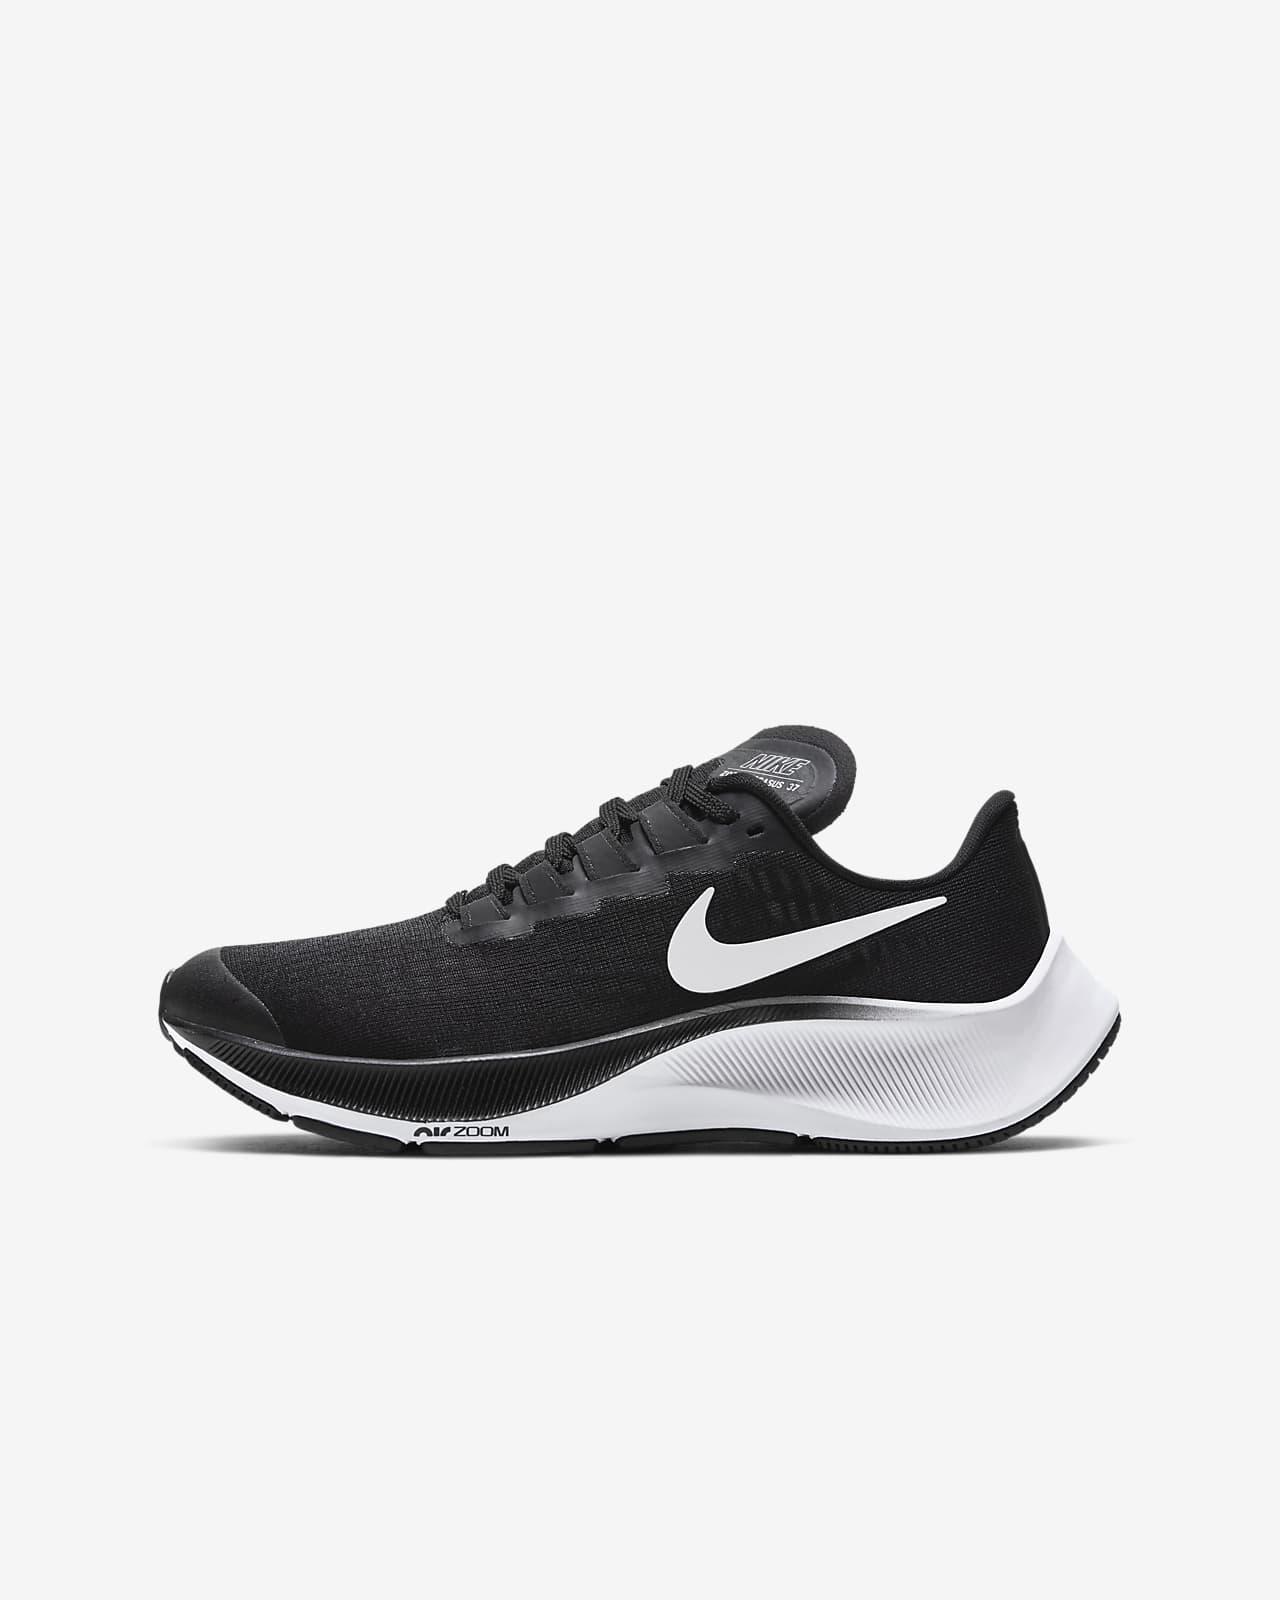 Běžecká bota Nike Air Zoom Pegasus 37 pro větší děti